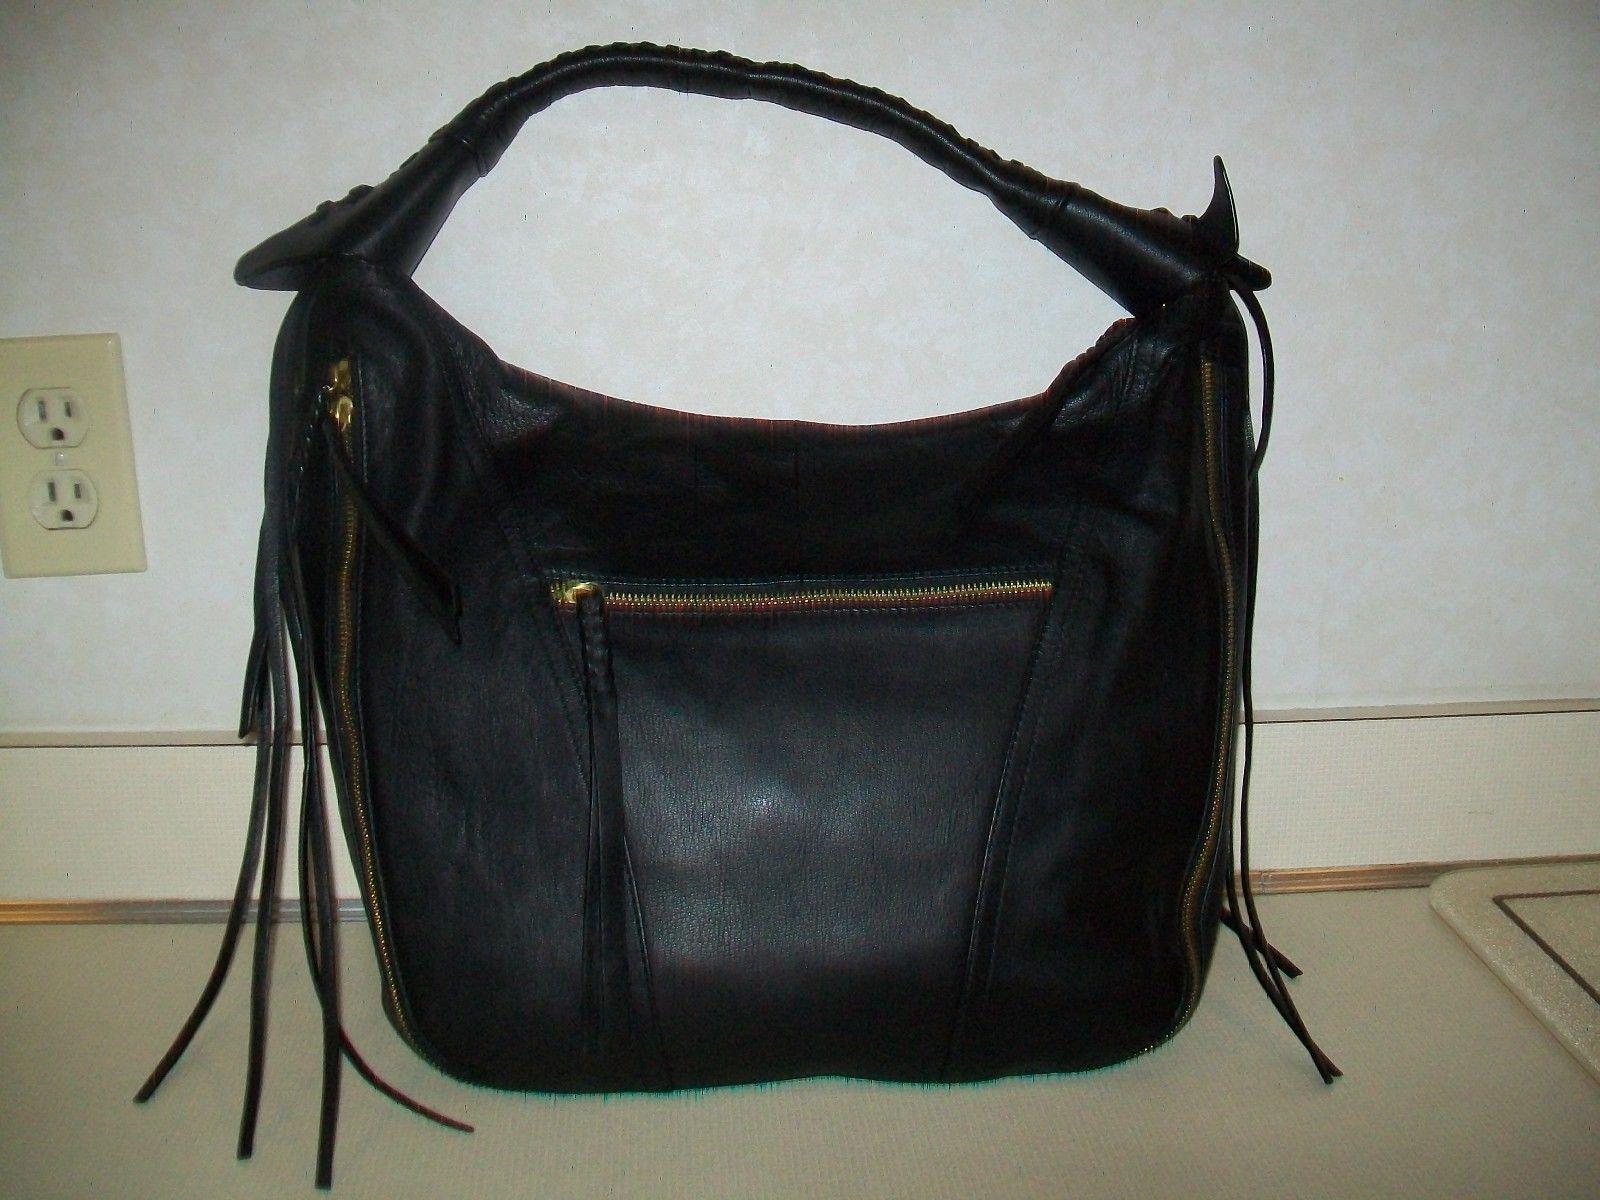 8ea47a5ef4 orYANY Soft Nappa Leather MICHELLE Purse Handbag Hobo QVC   A270292 Black  NWT  114.99